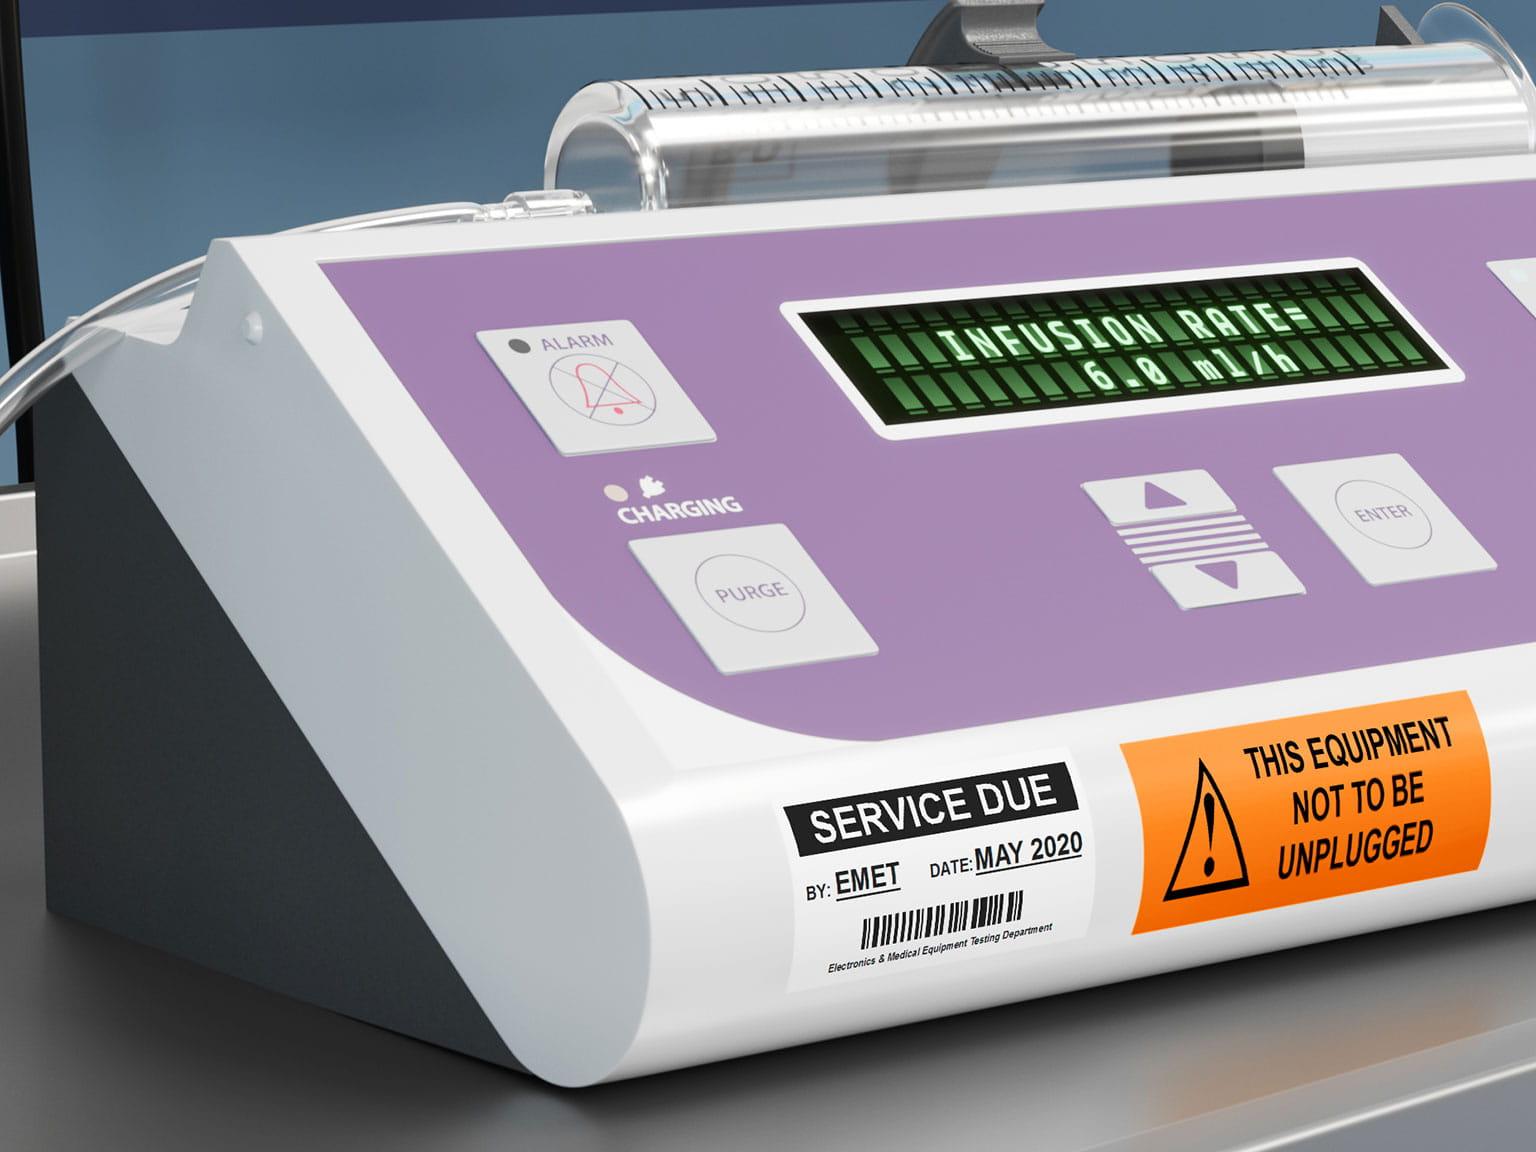 Informacje serwisowe znajdują się na laminowanej etykiecie Brother P-touch TZe przyklejonej do urządzenia